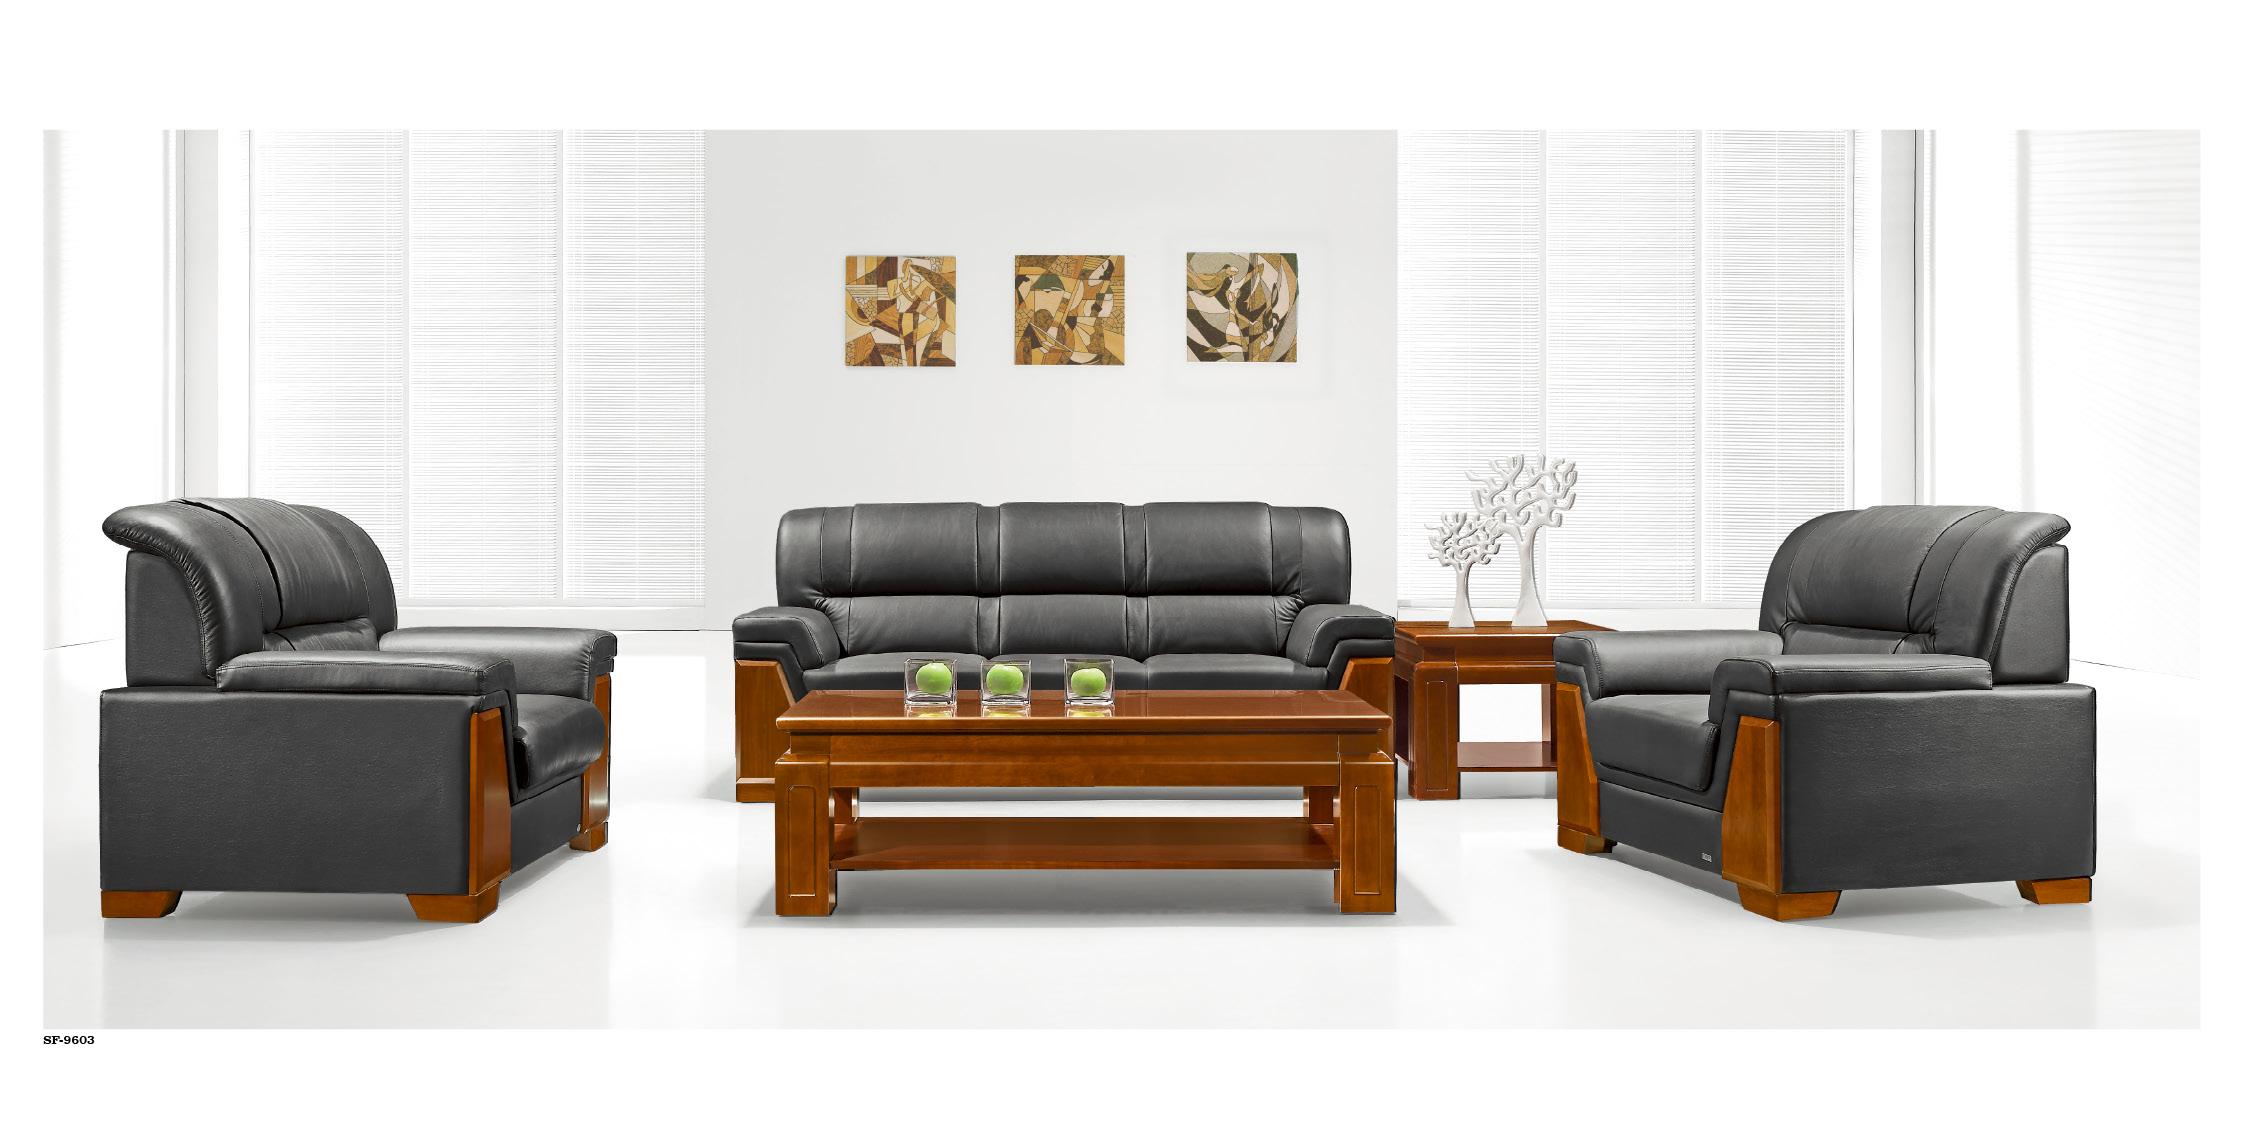 沙发套组SF-9603